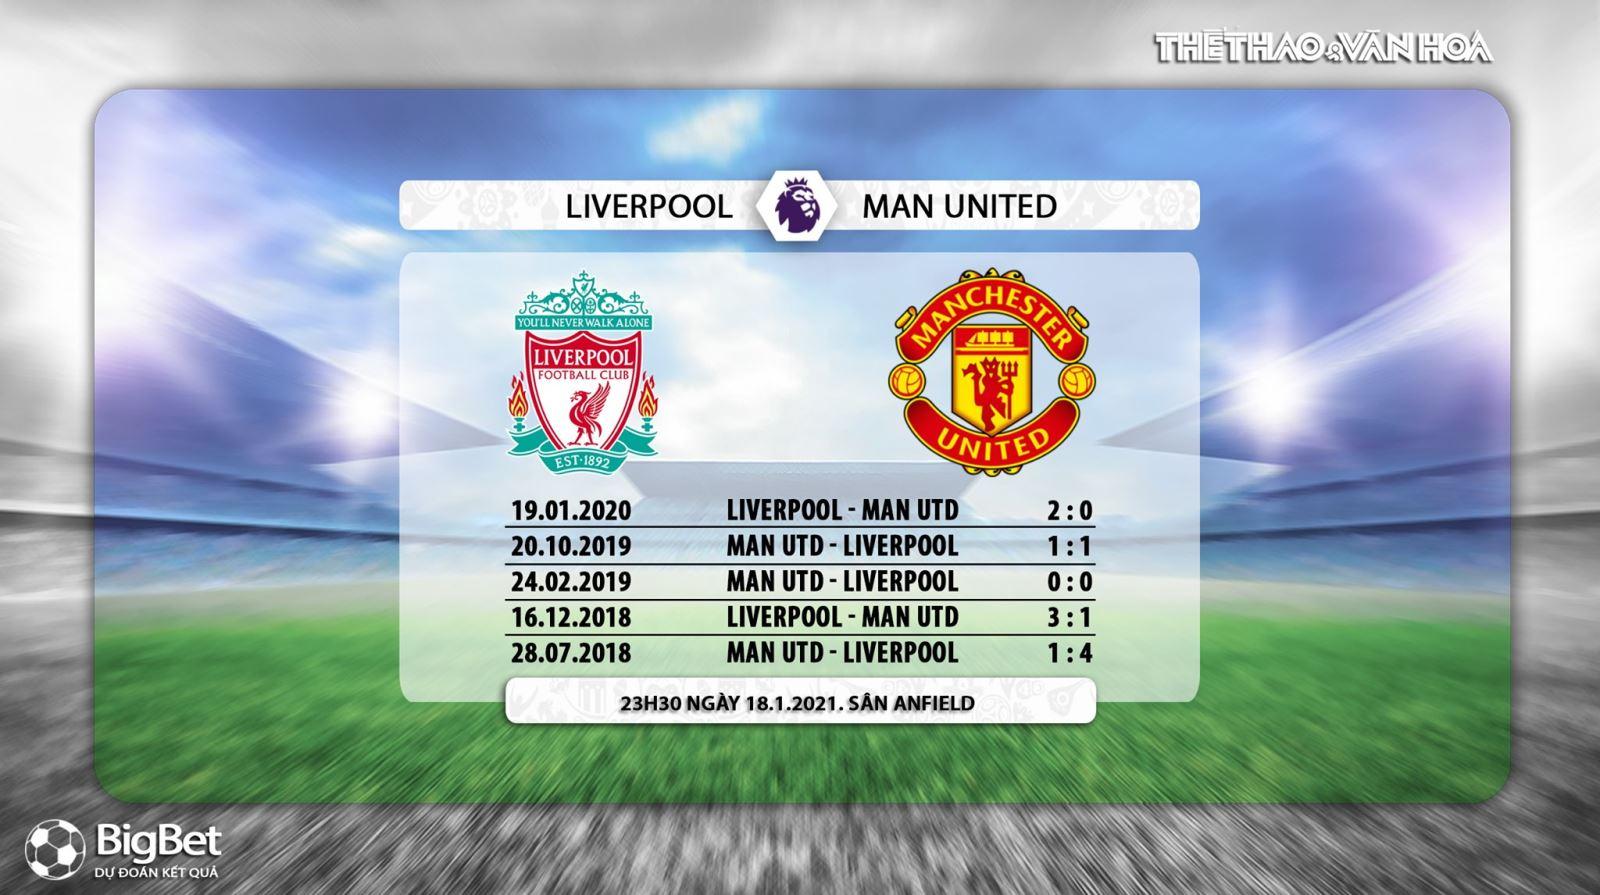 Keo nha cai, Kèo nhà cái, MU, Liverpool vs MU. K+, K+PM trực tiếp bóng đá Anh, Xem MU, Vòng 19 giải Ngoại hạng Anh, Trực tiếp K+PM, Trực tiếp bóng đá. Trực tiếp MU